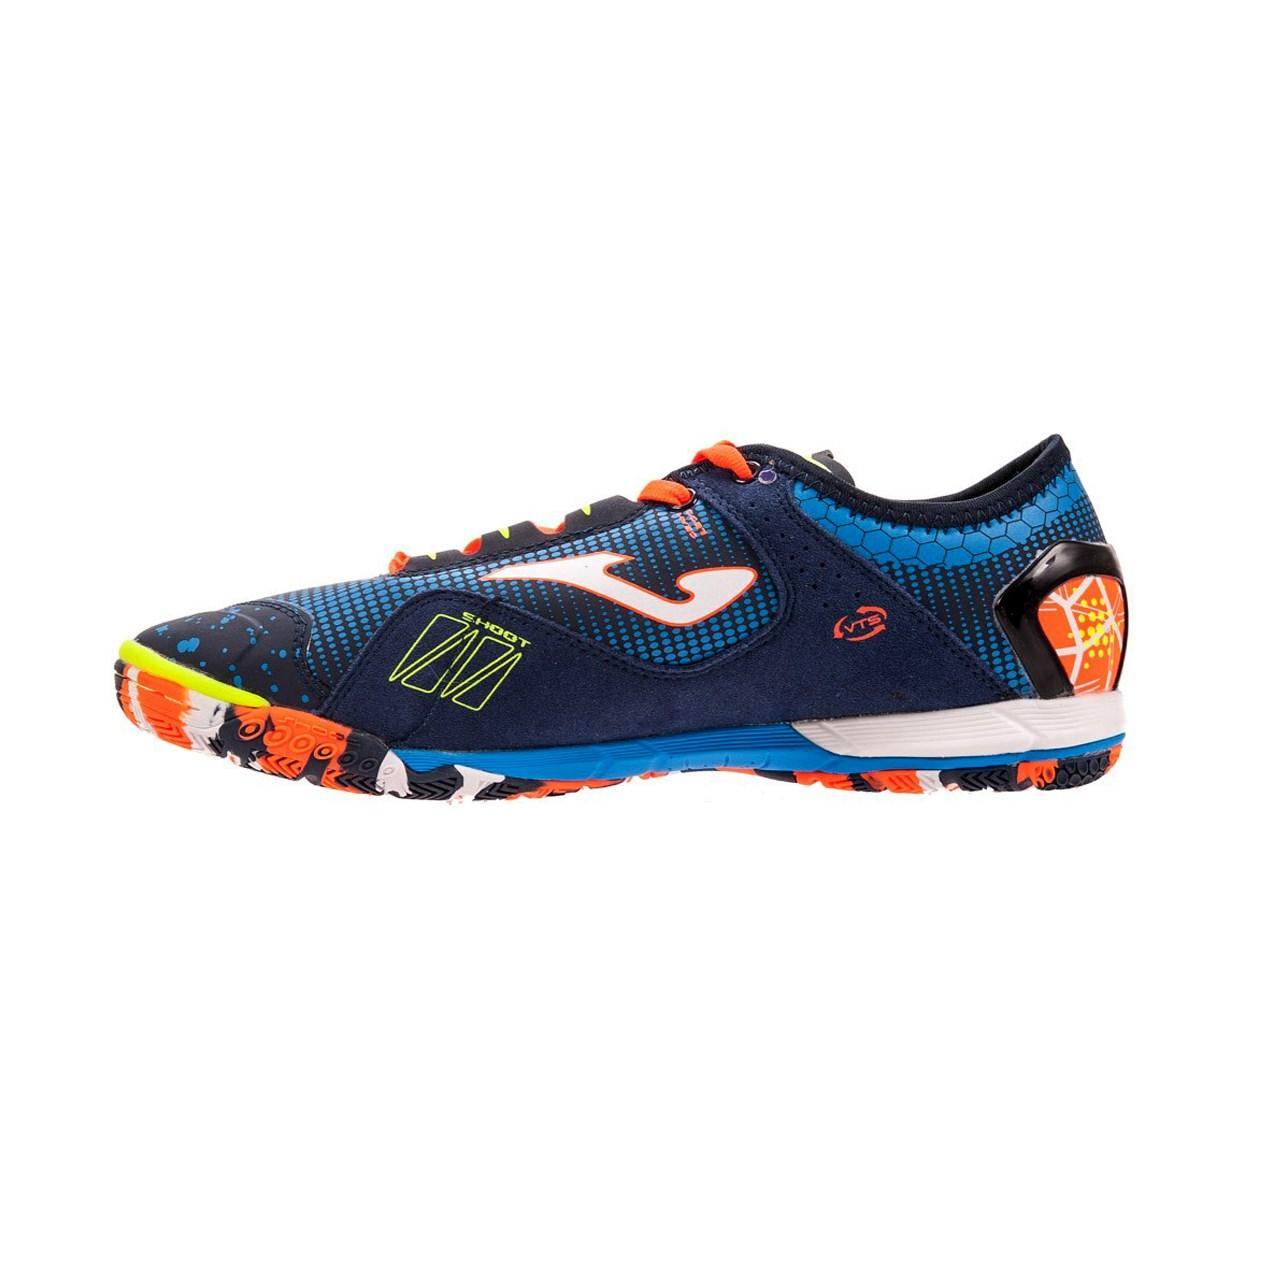 قیمت کفش فوتسال مردانه جوما مدل EVO FLEX 704